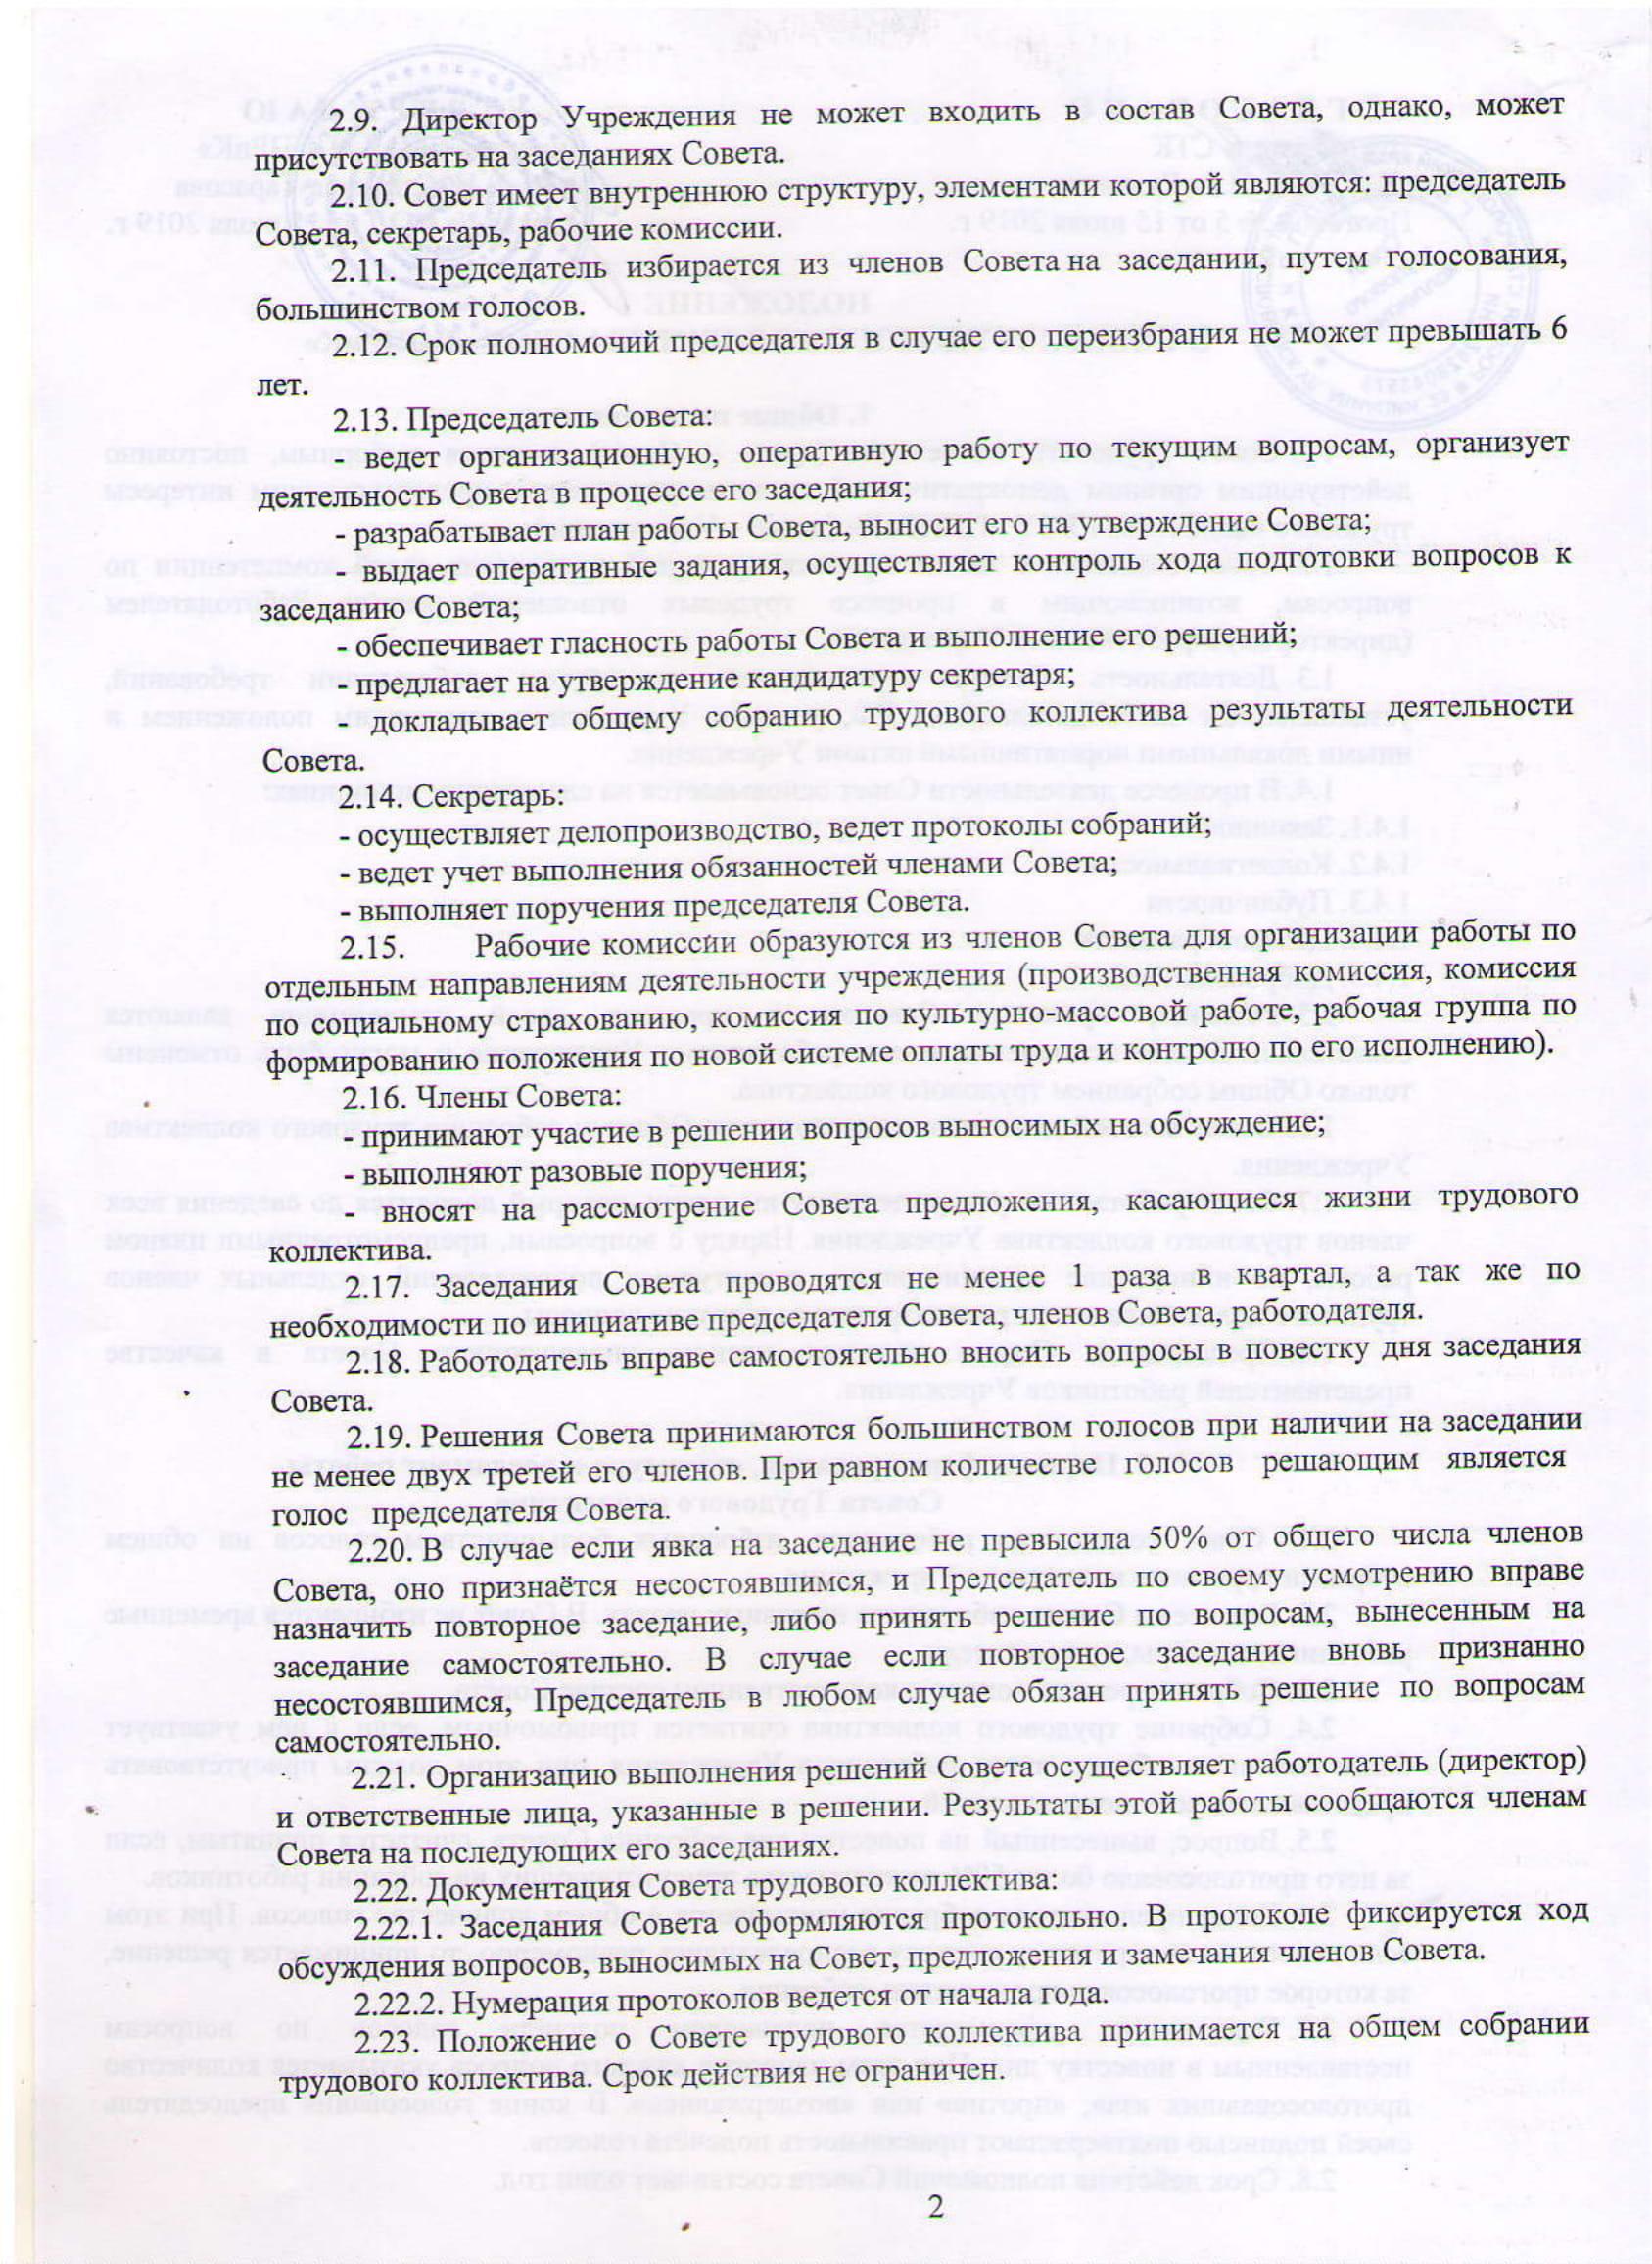 Положение о совете трудового коллектива-2